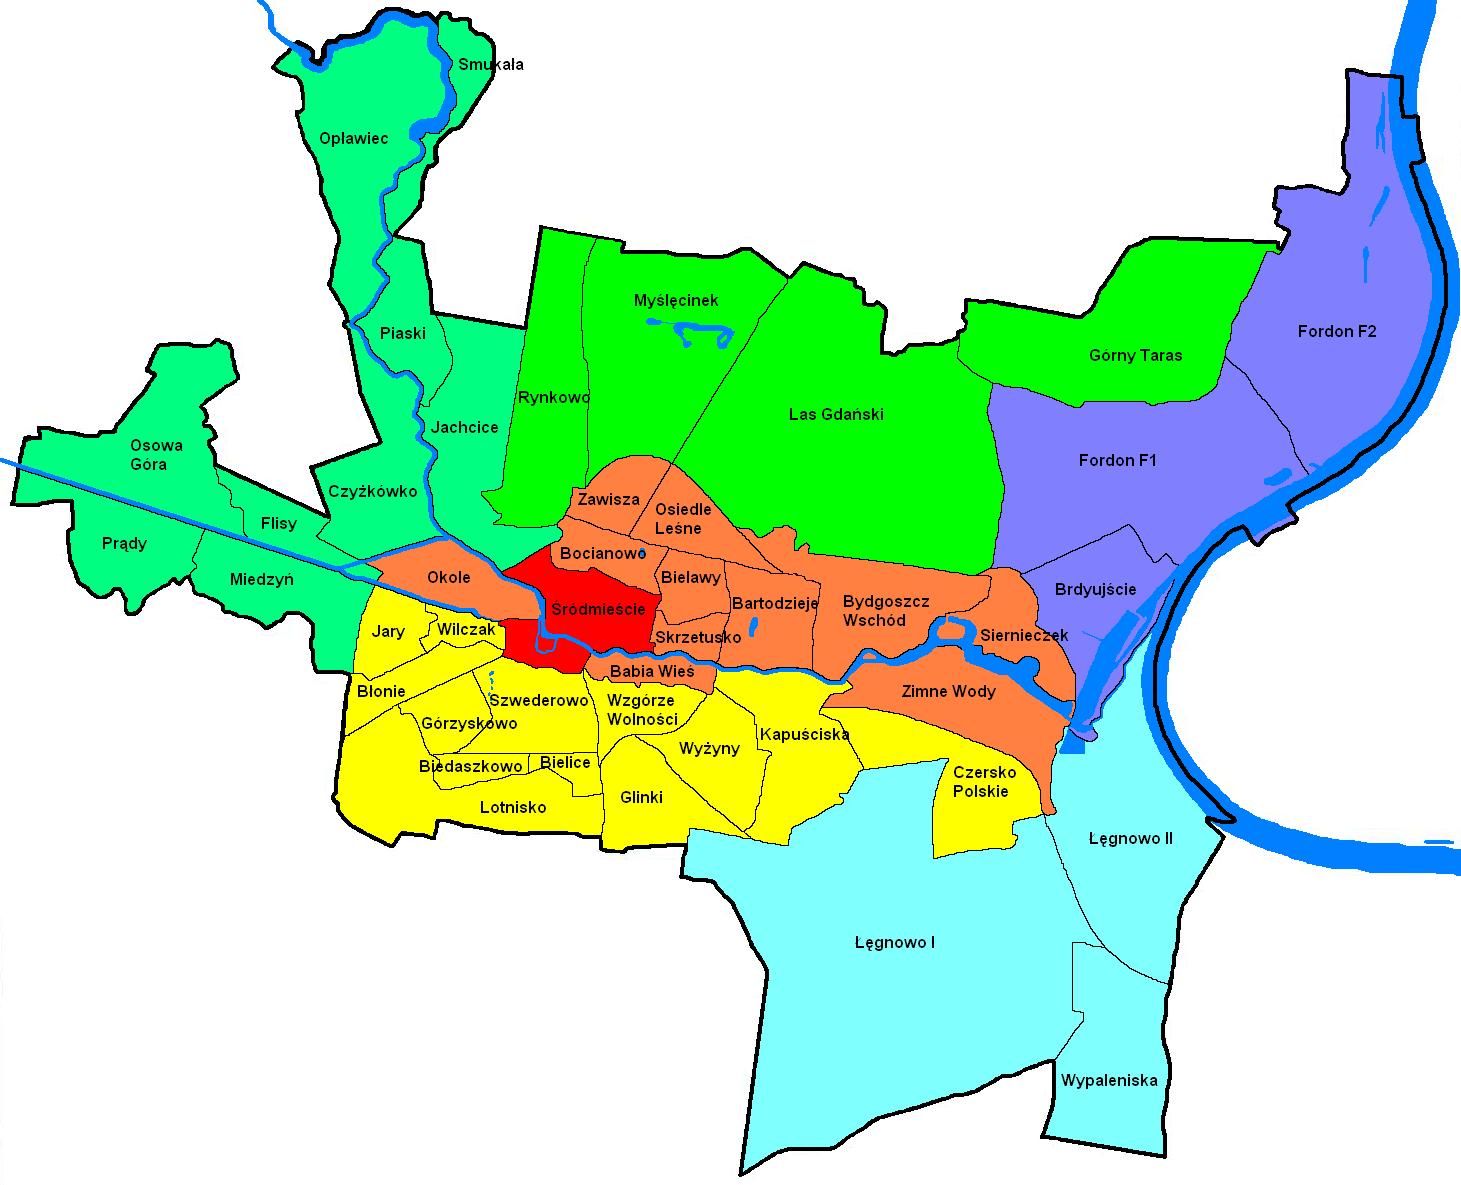 bydgoszcz areas